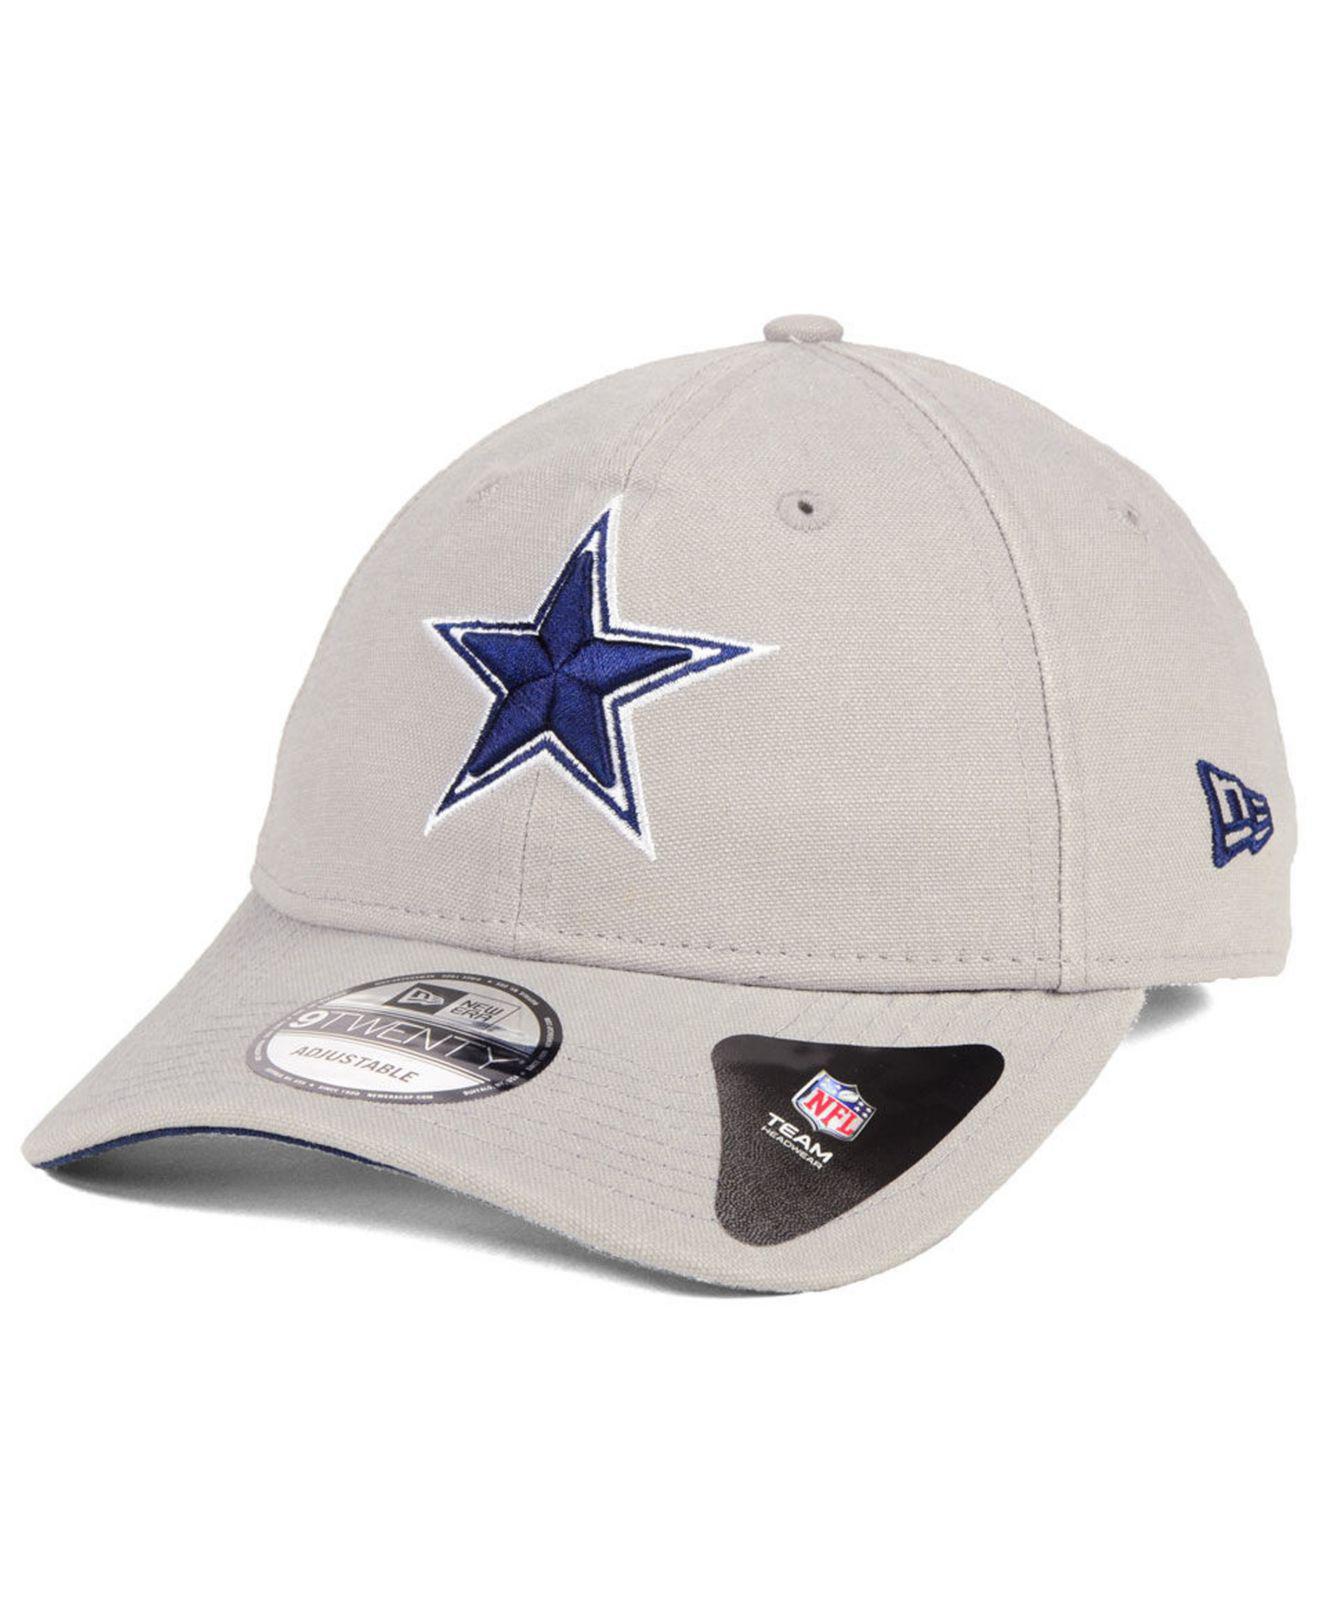 1ad178a05ee5d ... france ktz gray dallas cowboys core shore 9twenty cap for men lyst.  view fullscreen 4791f